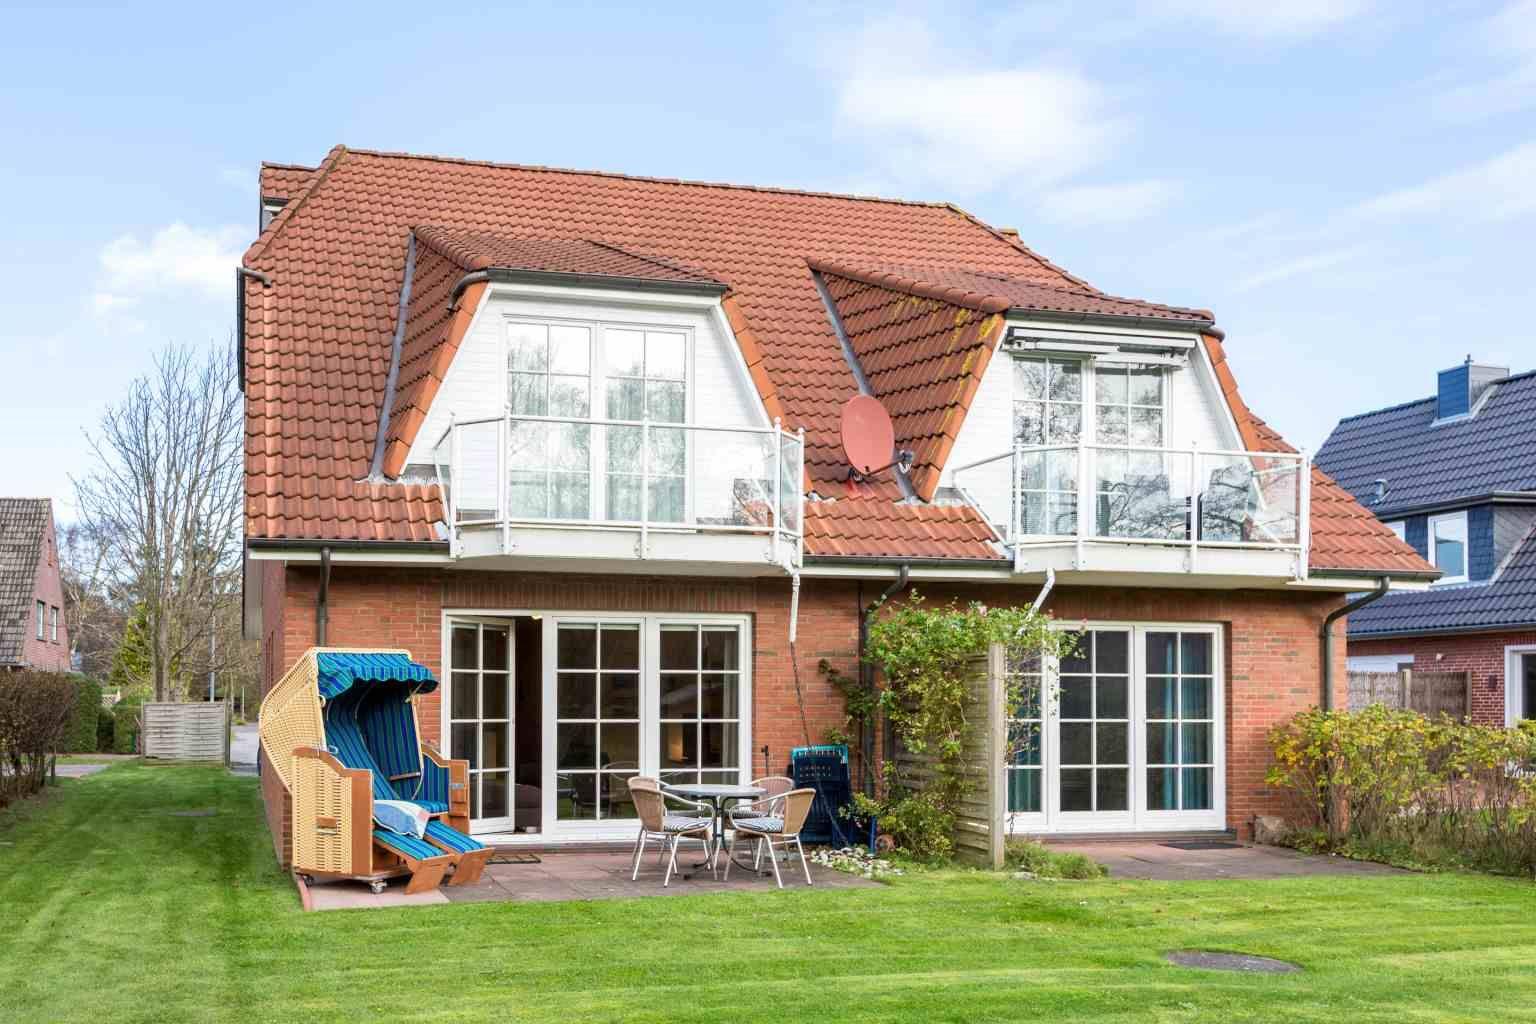 """Gartenterrasse - St Peter Ording Dorf, Haus Feldstrasse 12, Wohnung 1 """"Astrid"""""""